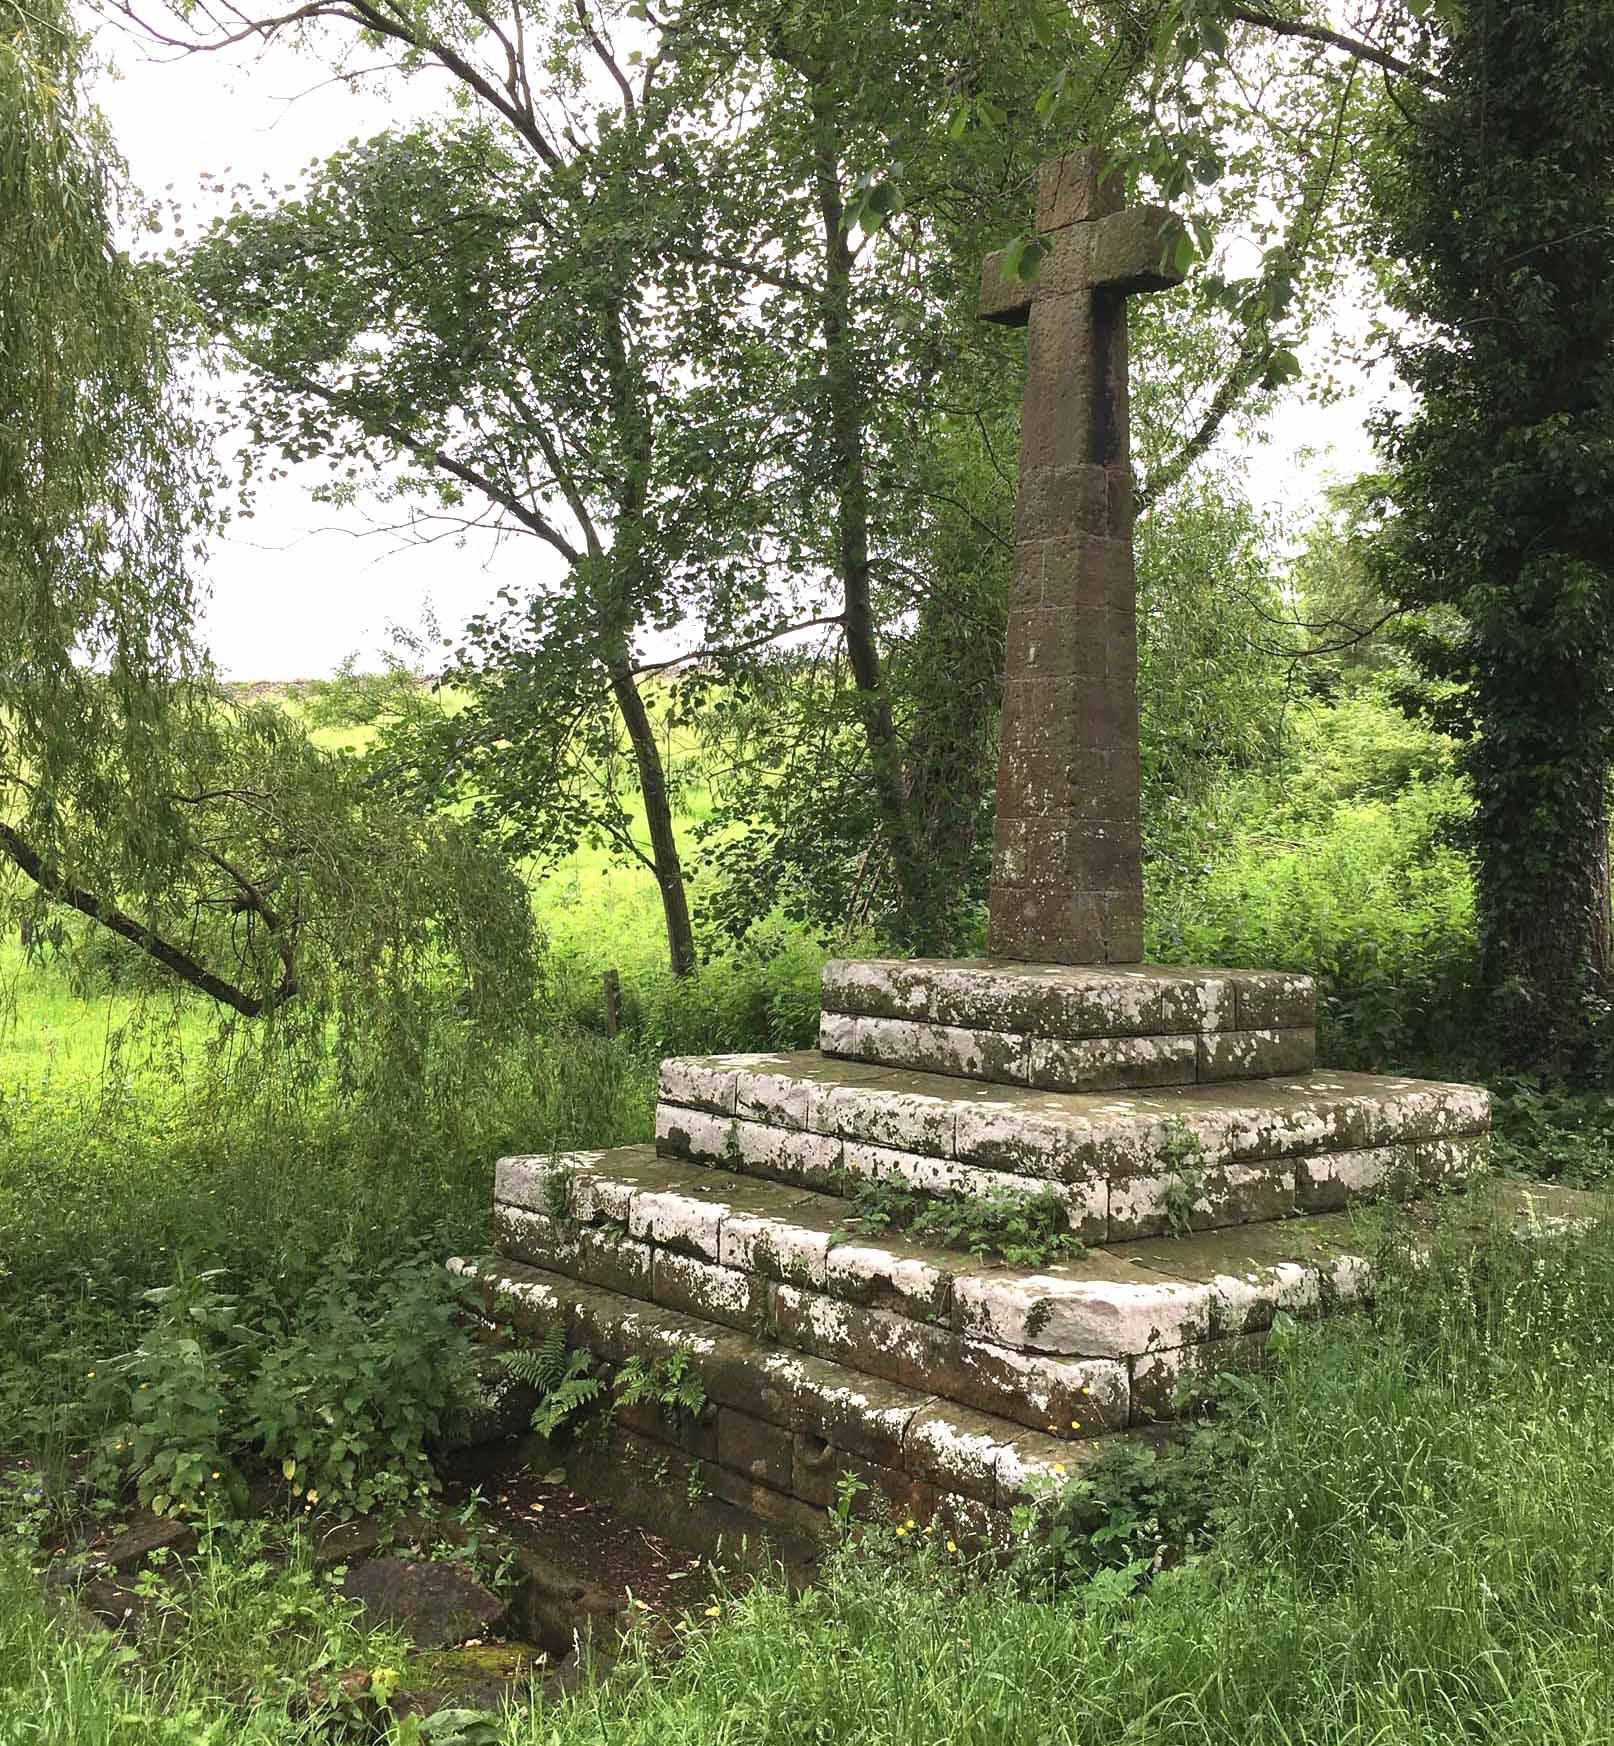 Doddington's holy well